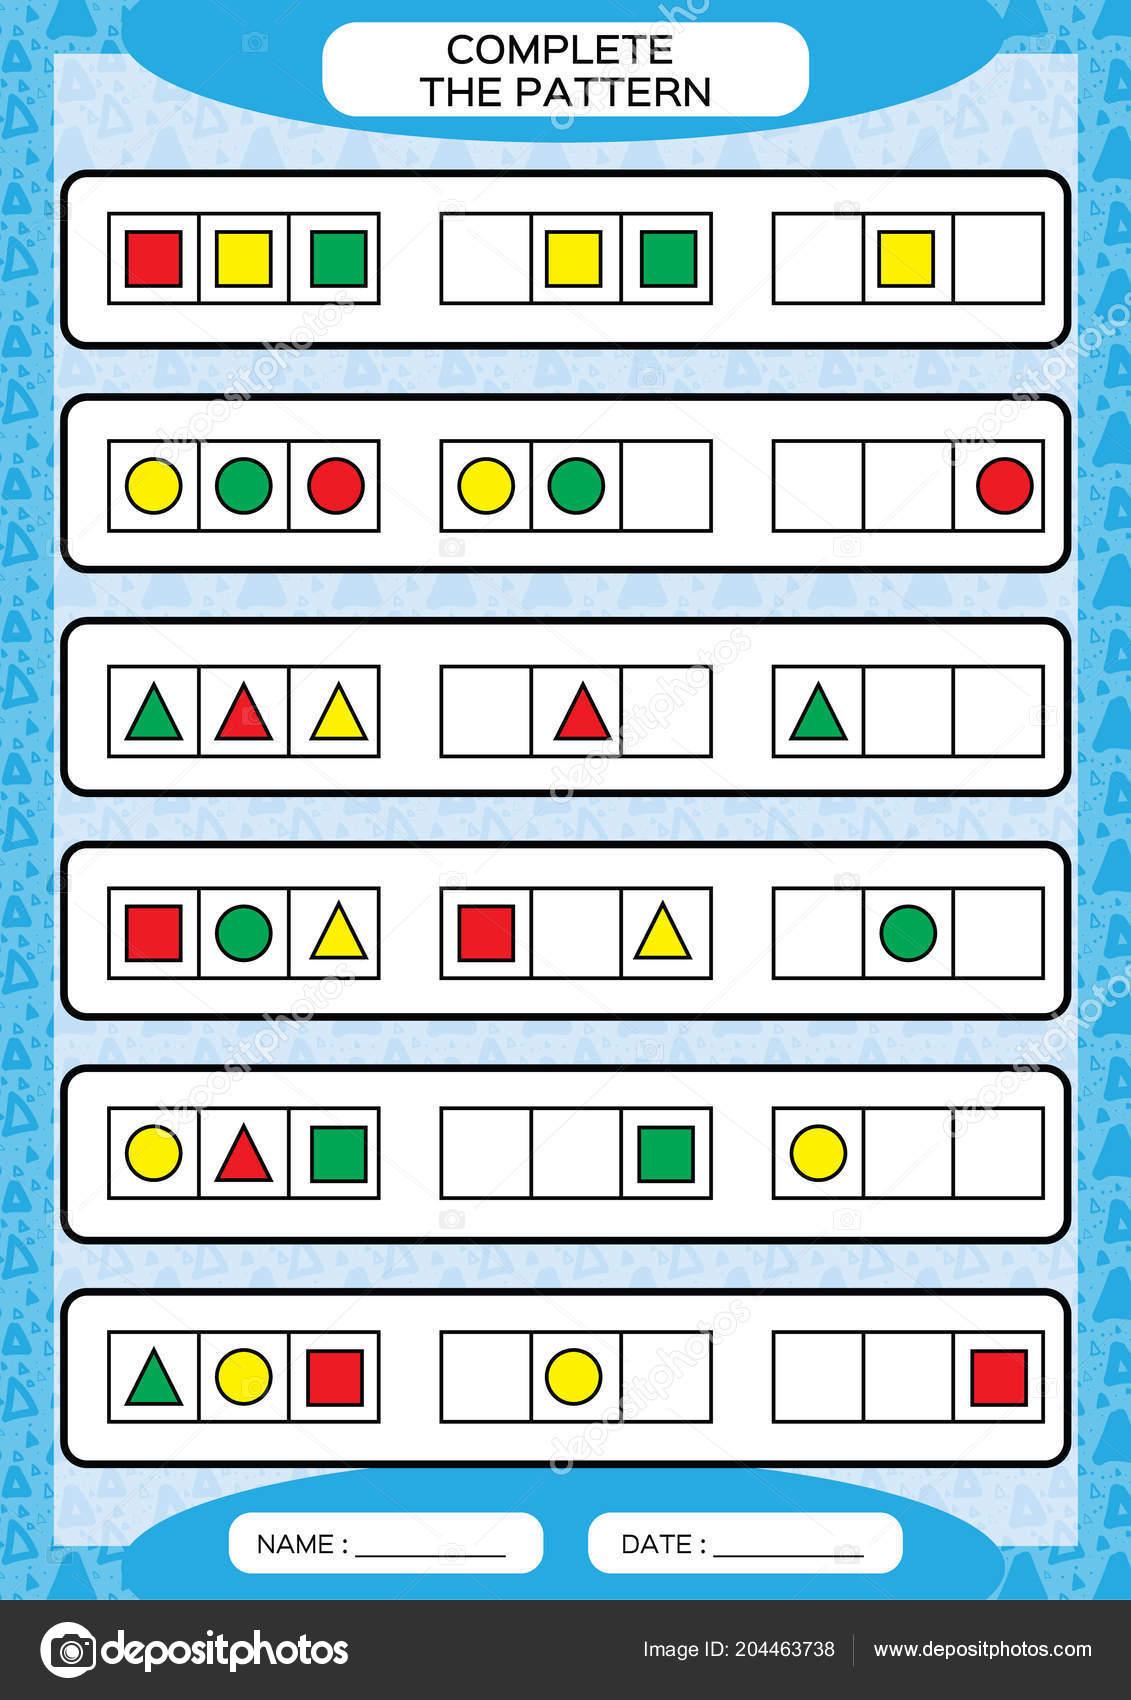 Padroes Repeticao Simples Completa Planilha Para Criancas